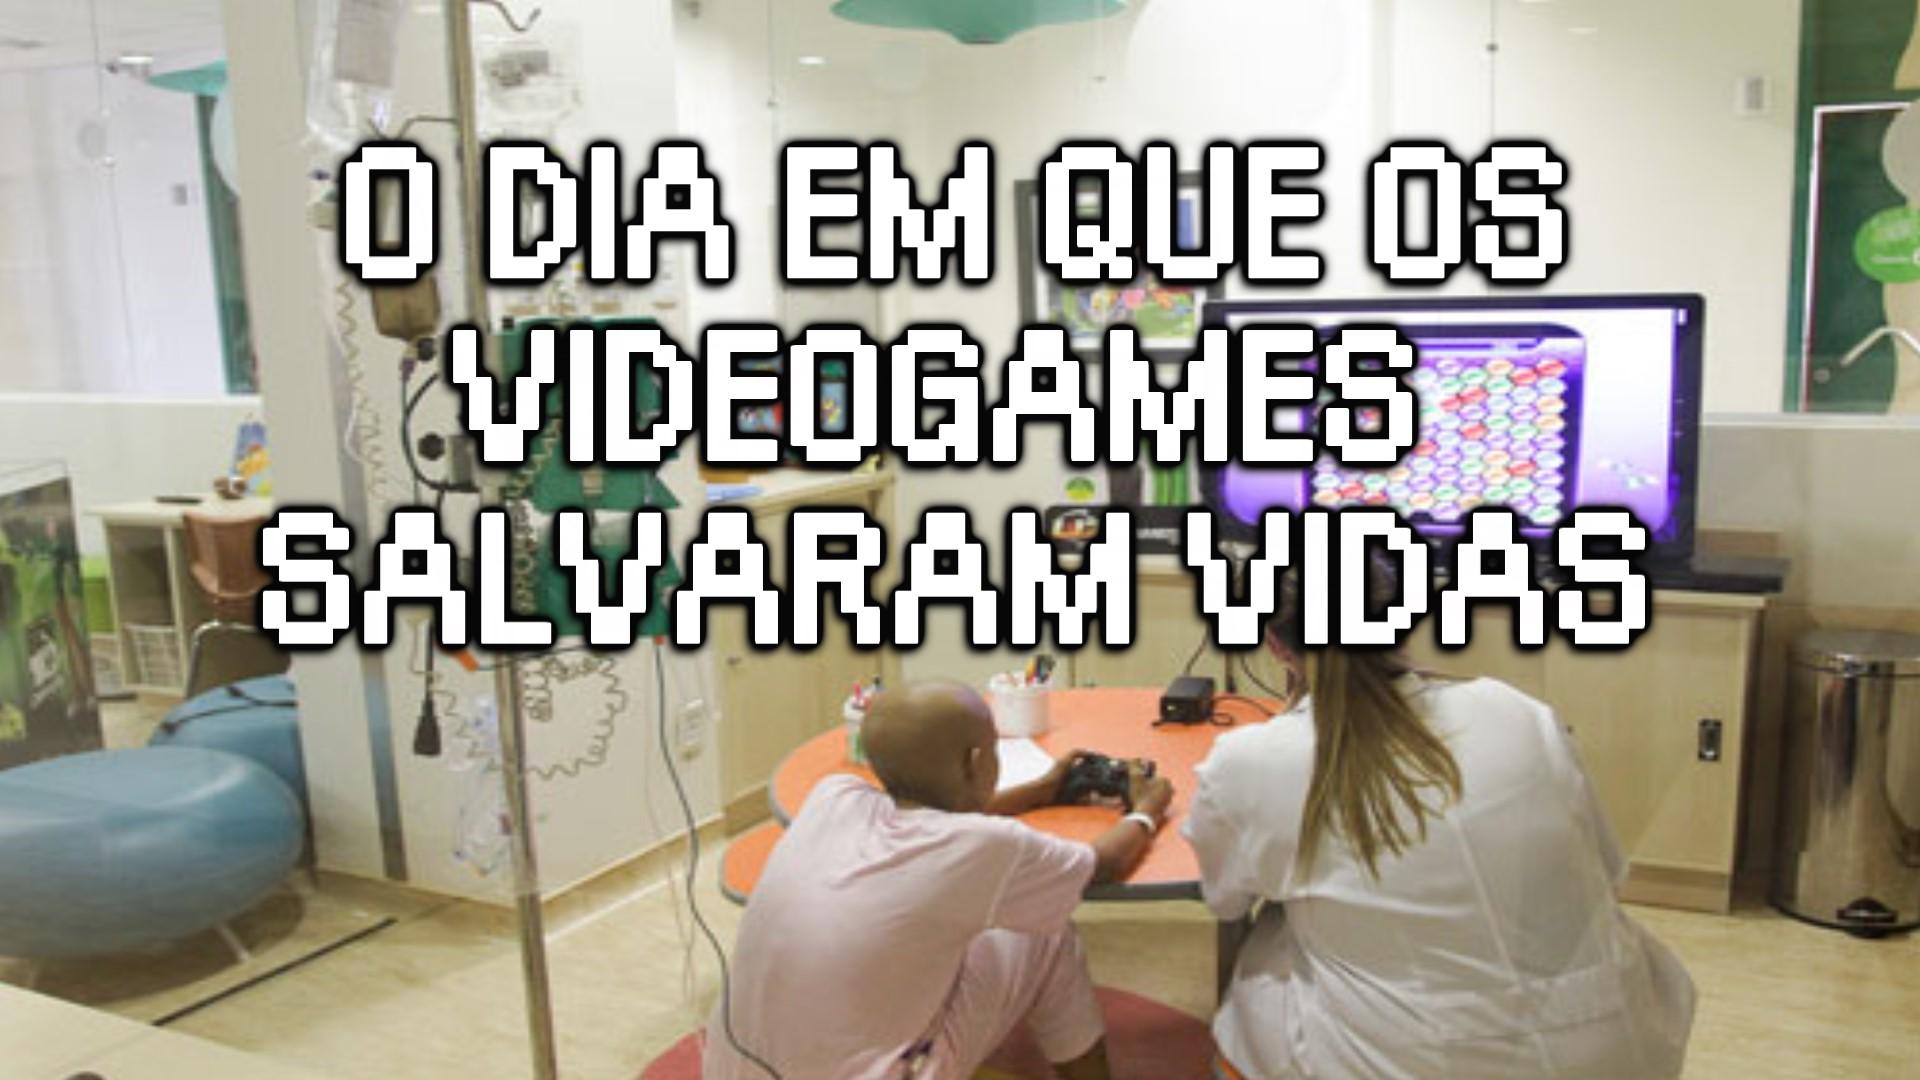 Animagamer - O Dia em que os Videogames Salvaram Vidas - Imagem